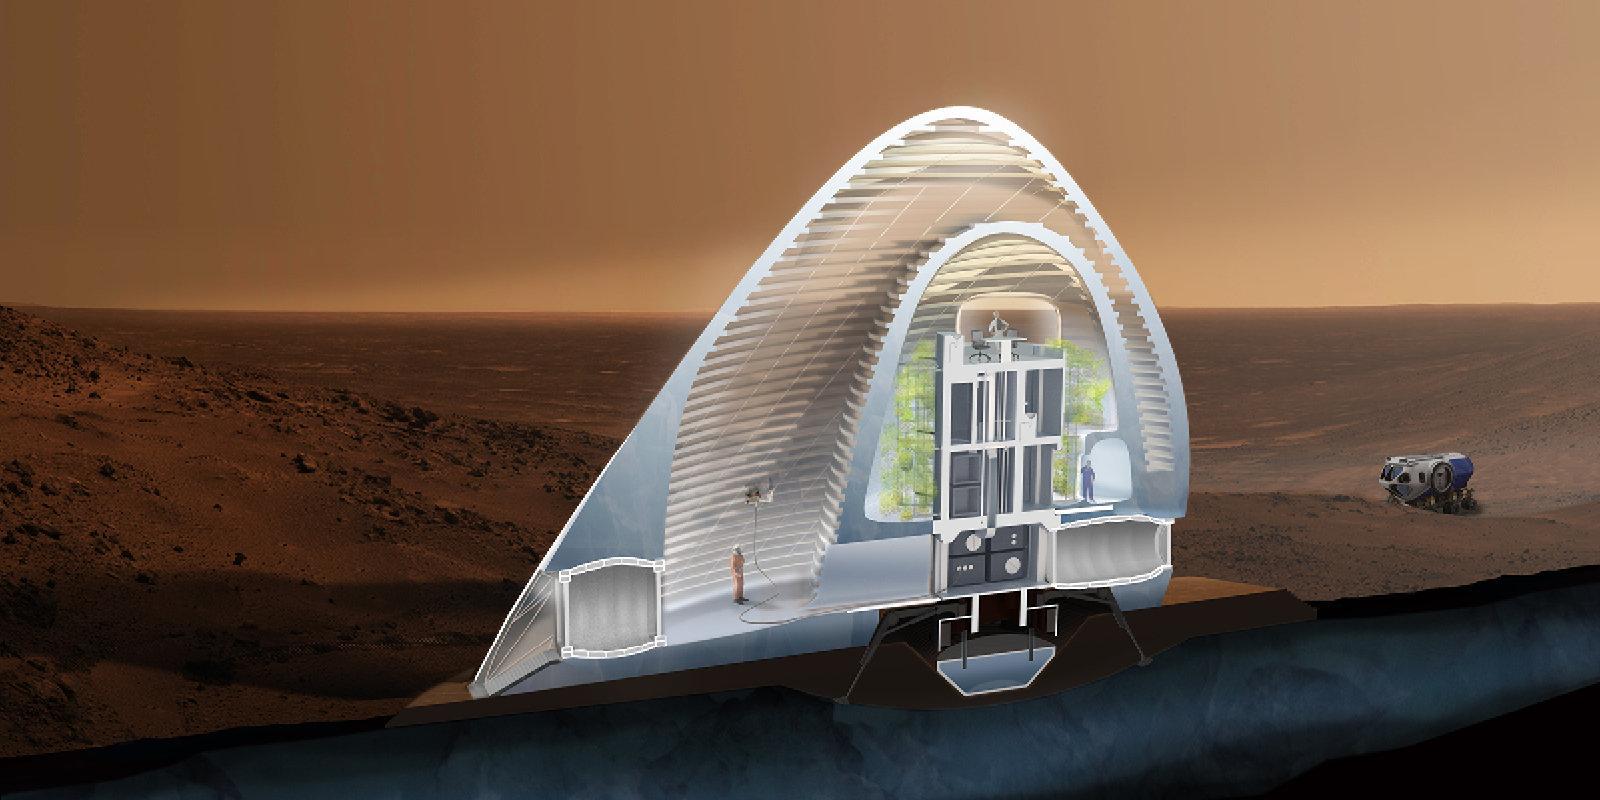 3d printed igloo wins house on mars design contest sputnik international. Black Bedroom Furniture Sets. Home Design Ideas